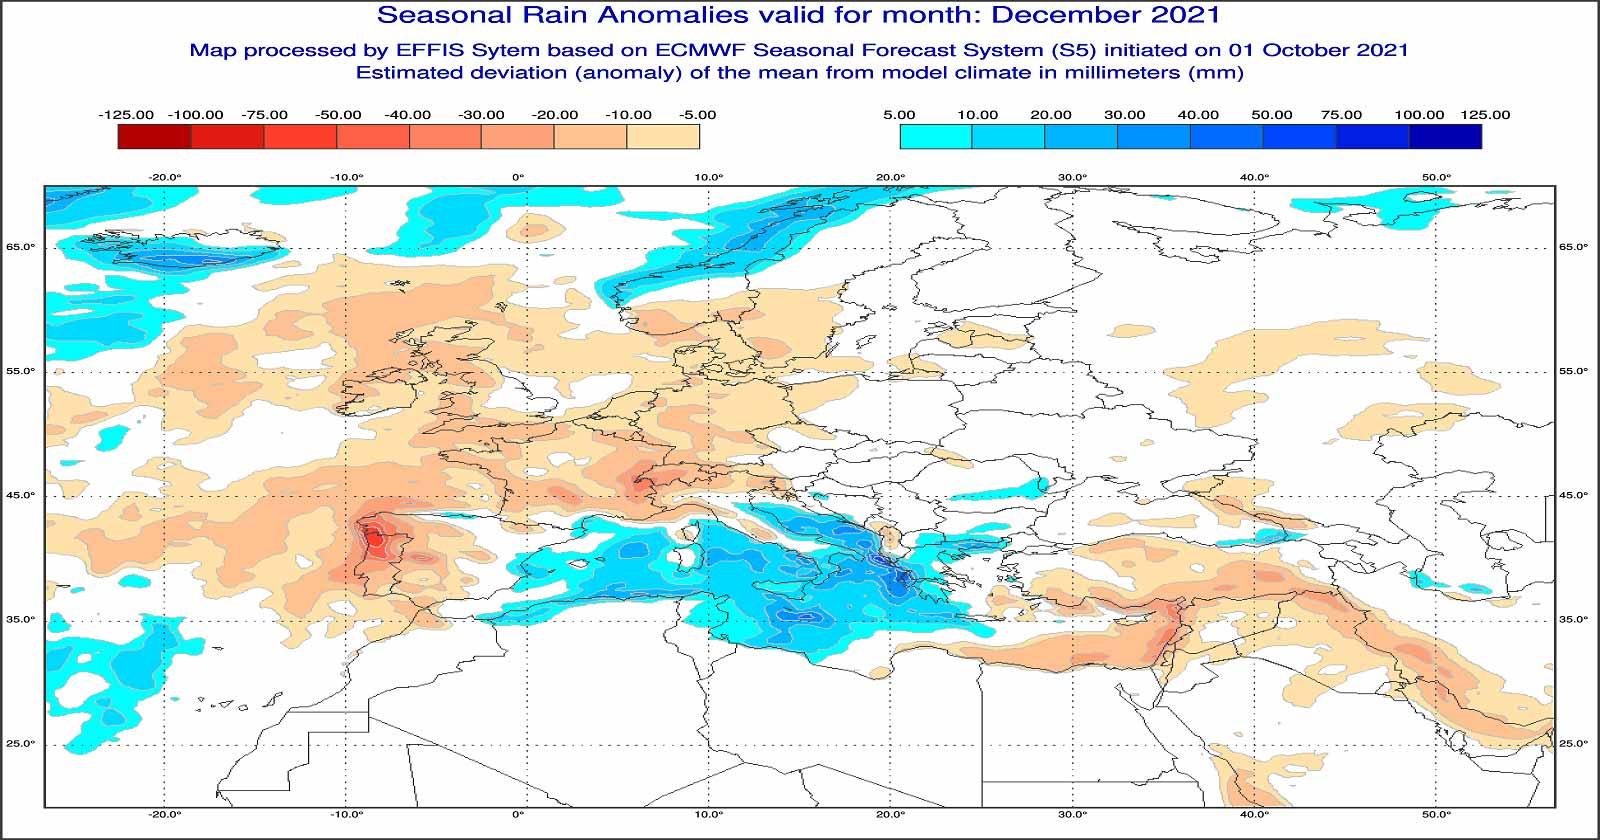 Anomalie di precipitazione previste dal modello ECMWF per dicembre 2021 - effis.jrc.ec.europa.eu